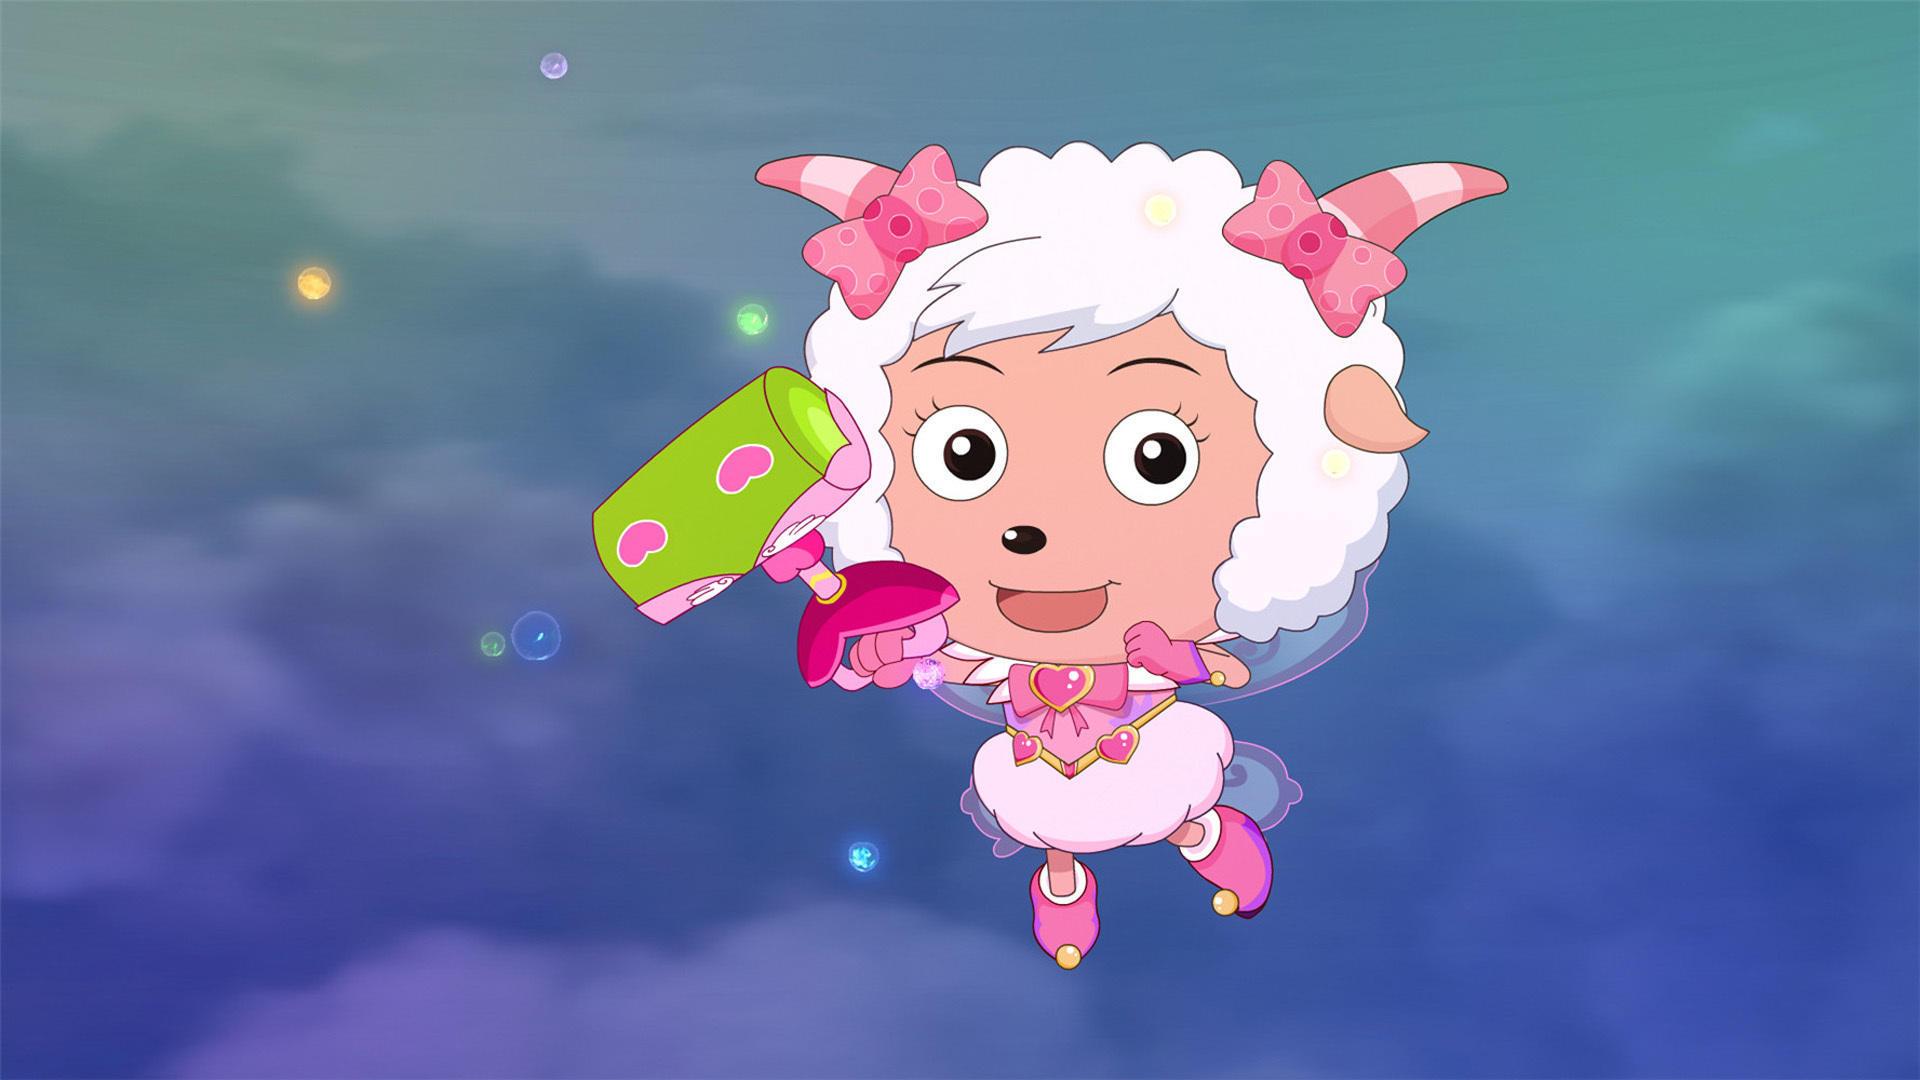 《喜羊羊与灰太狼》四个版本的美羊羊,你最喜欢哪一个?